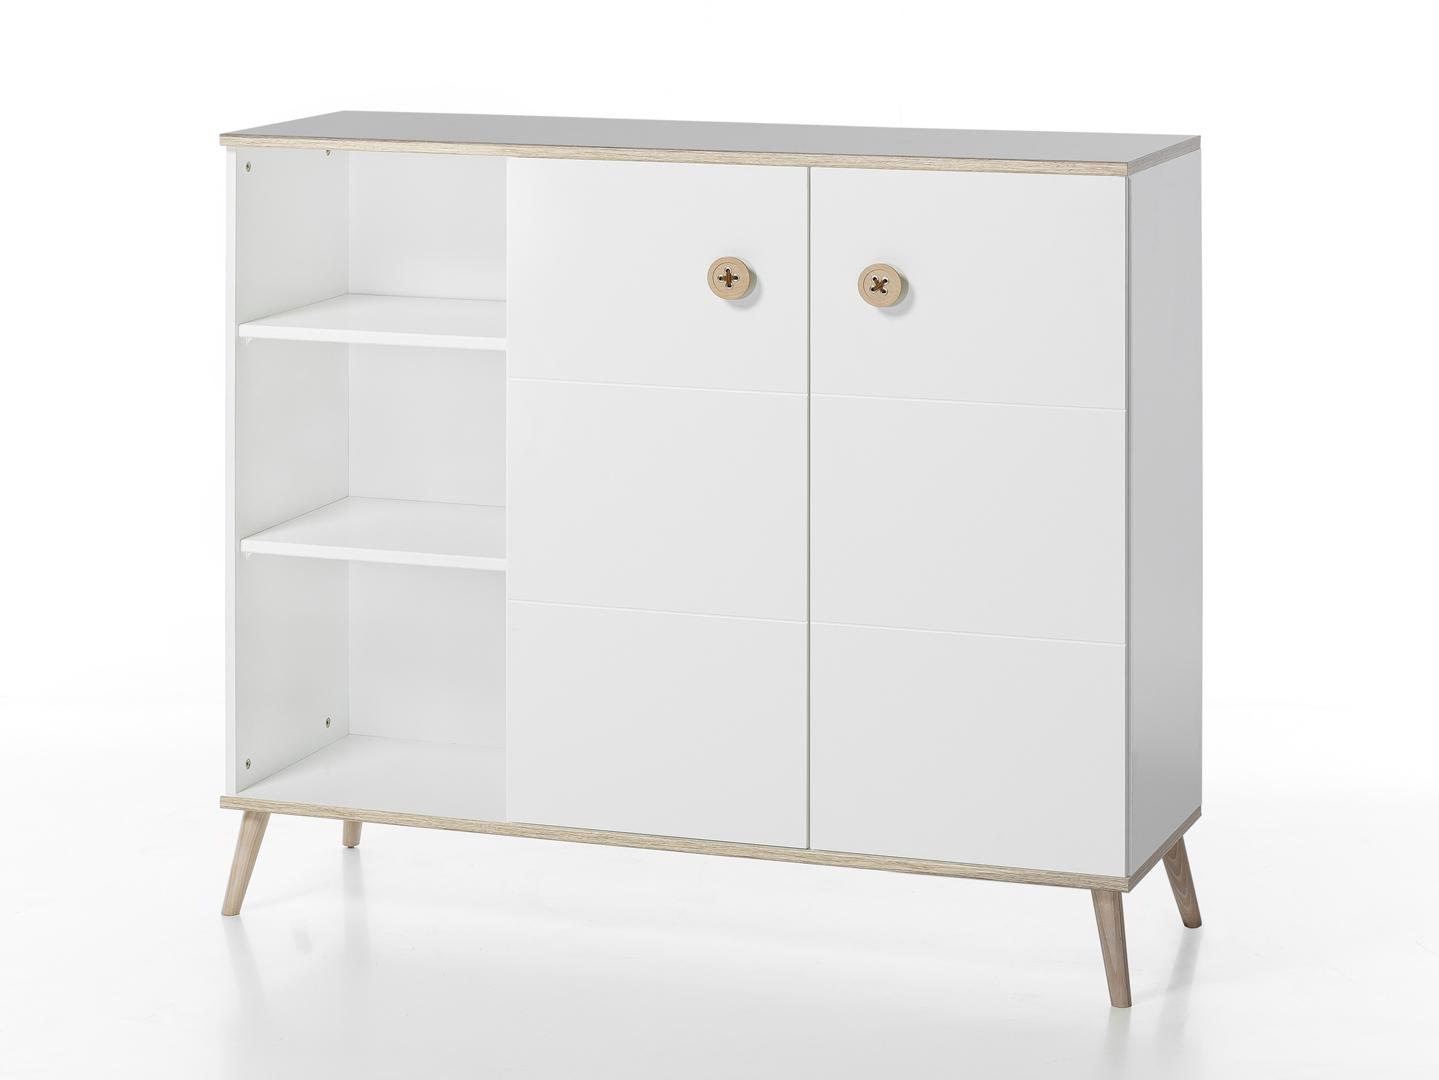 Meuble de rangement contemporain coloris blanc/chêne Jessi